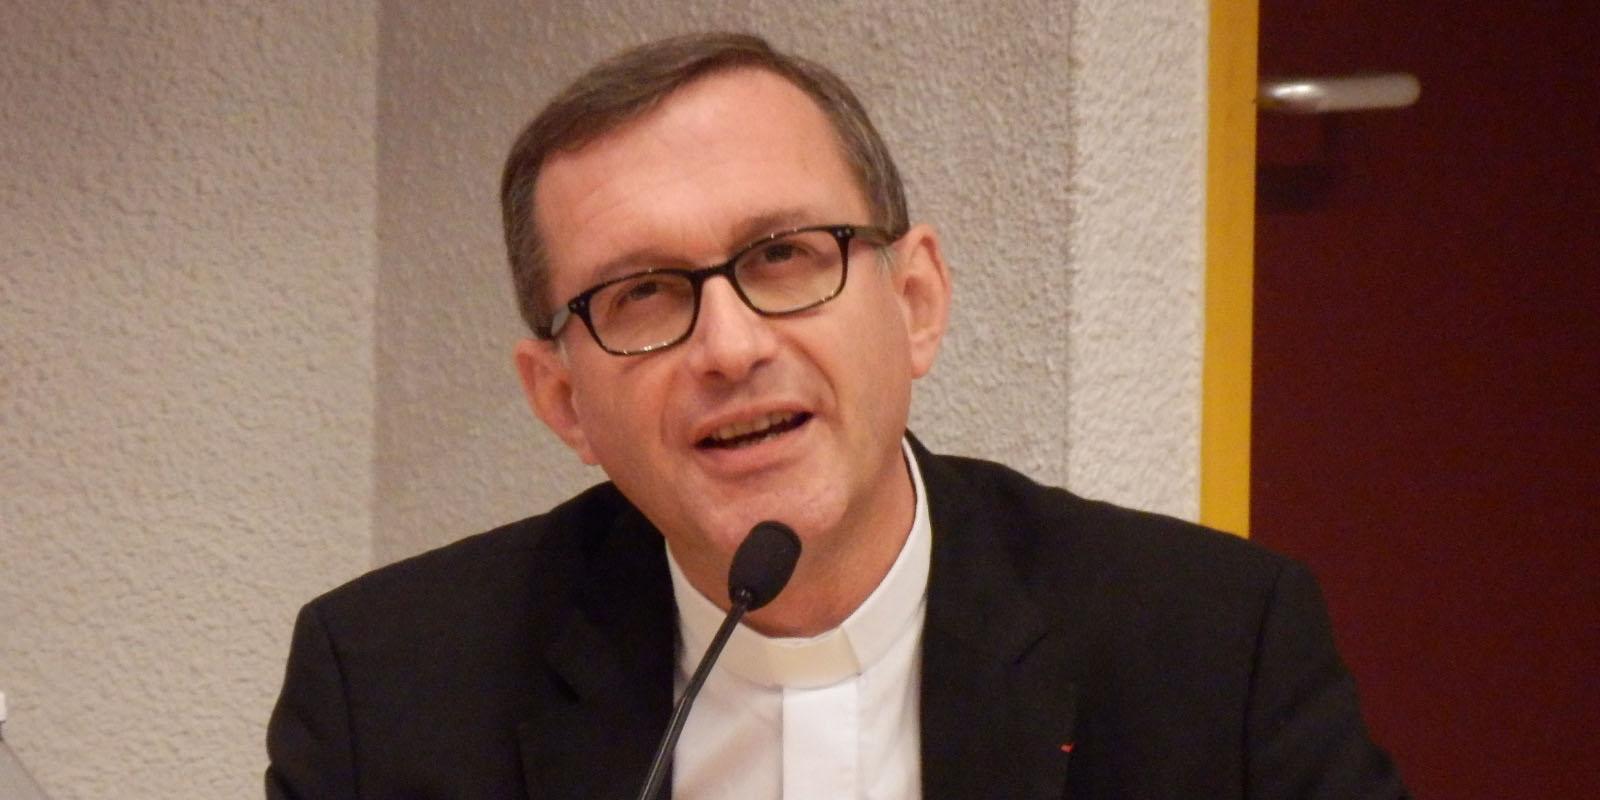 Monseigneur Olivier Ribadeau Dumas, porte-parole de la Conférence des évêques de France.